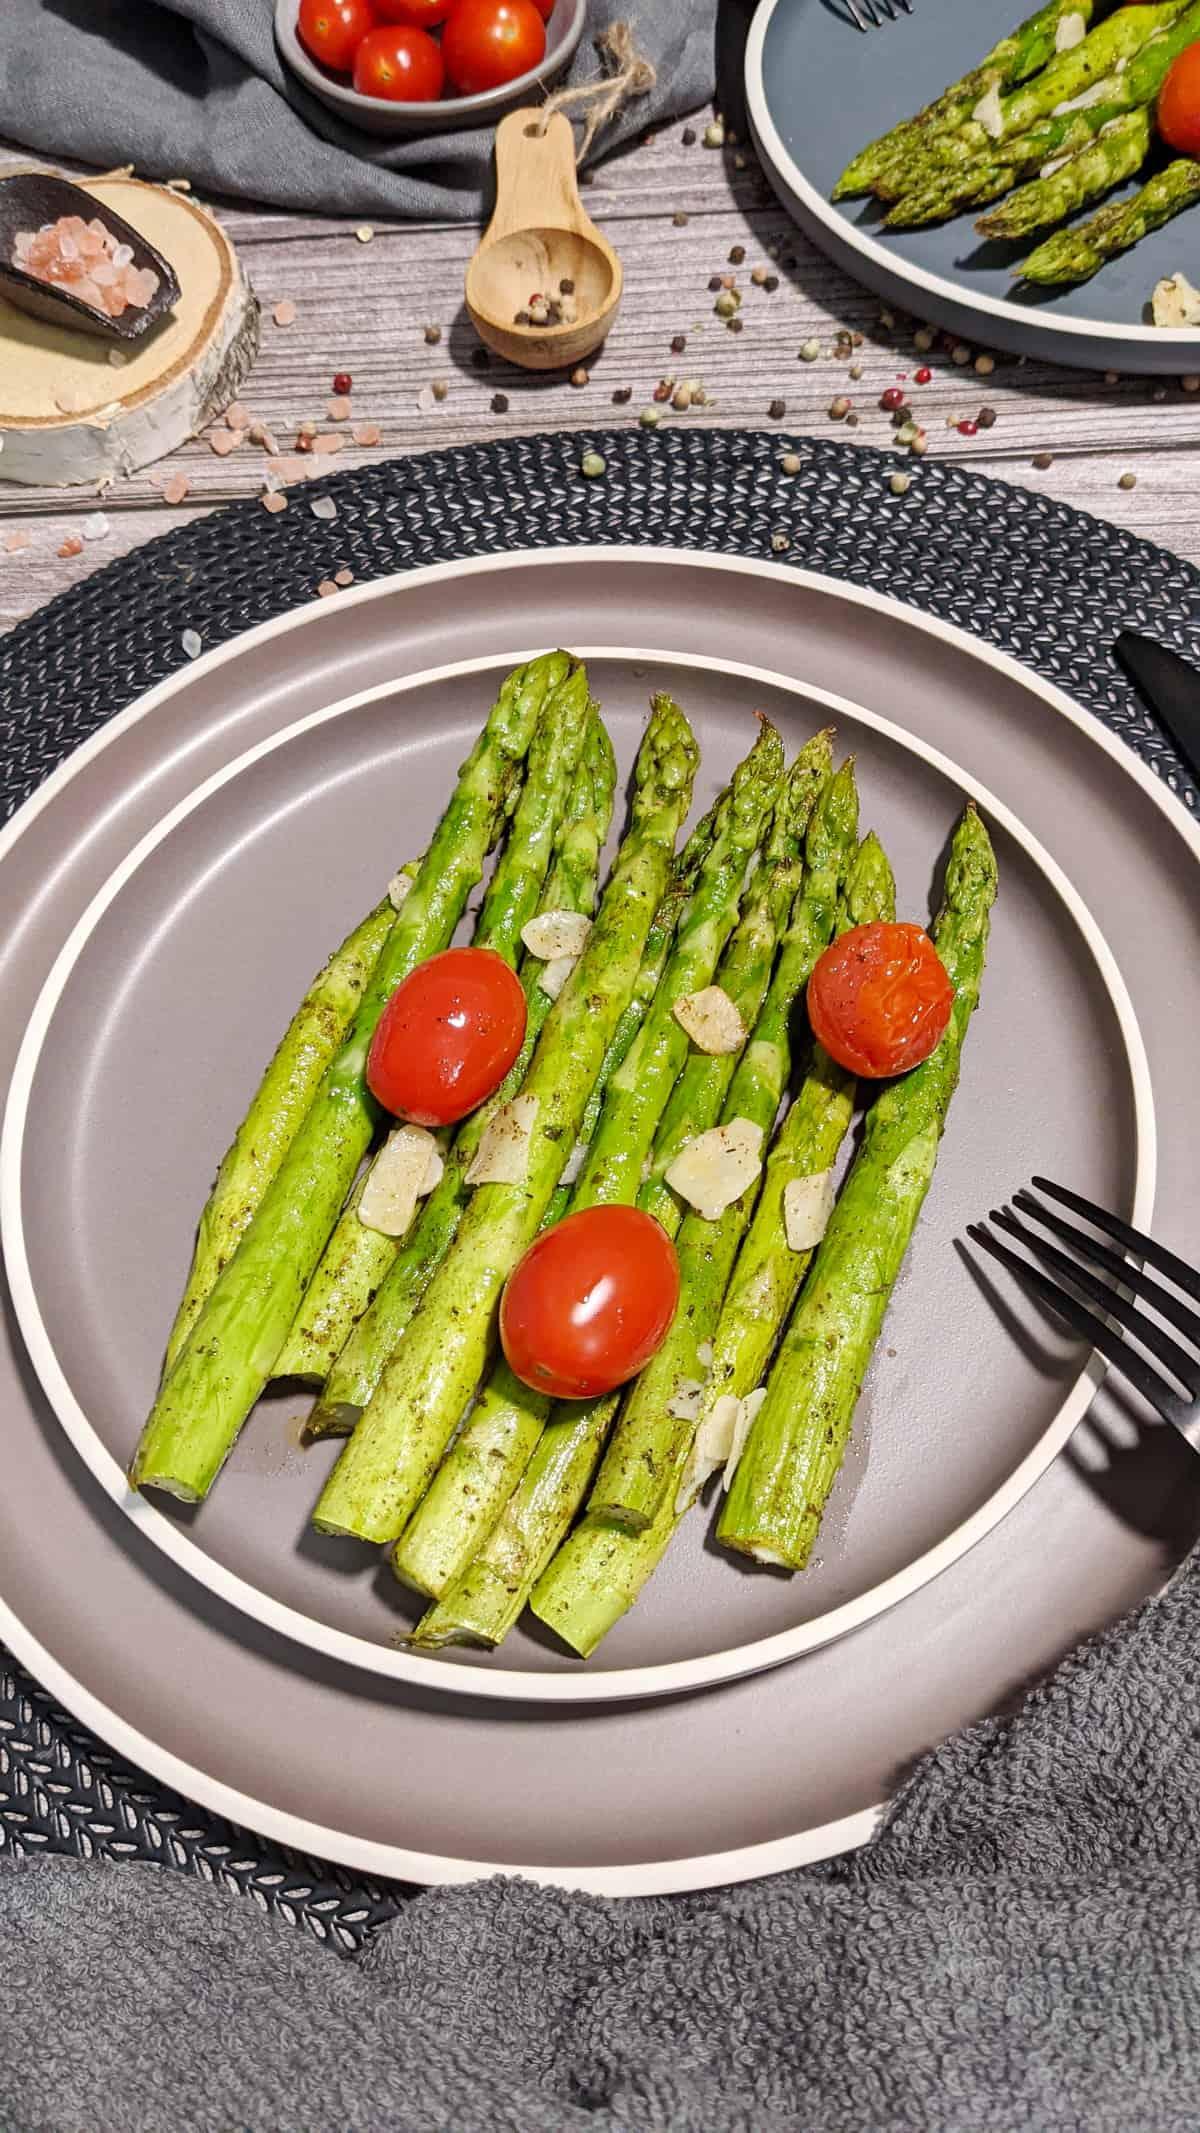 Auf einem grauen Teller angerichtet gebackener Spargel mit Tomaten und Parmesan. Im Hintergrund Deko.